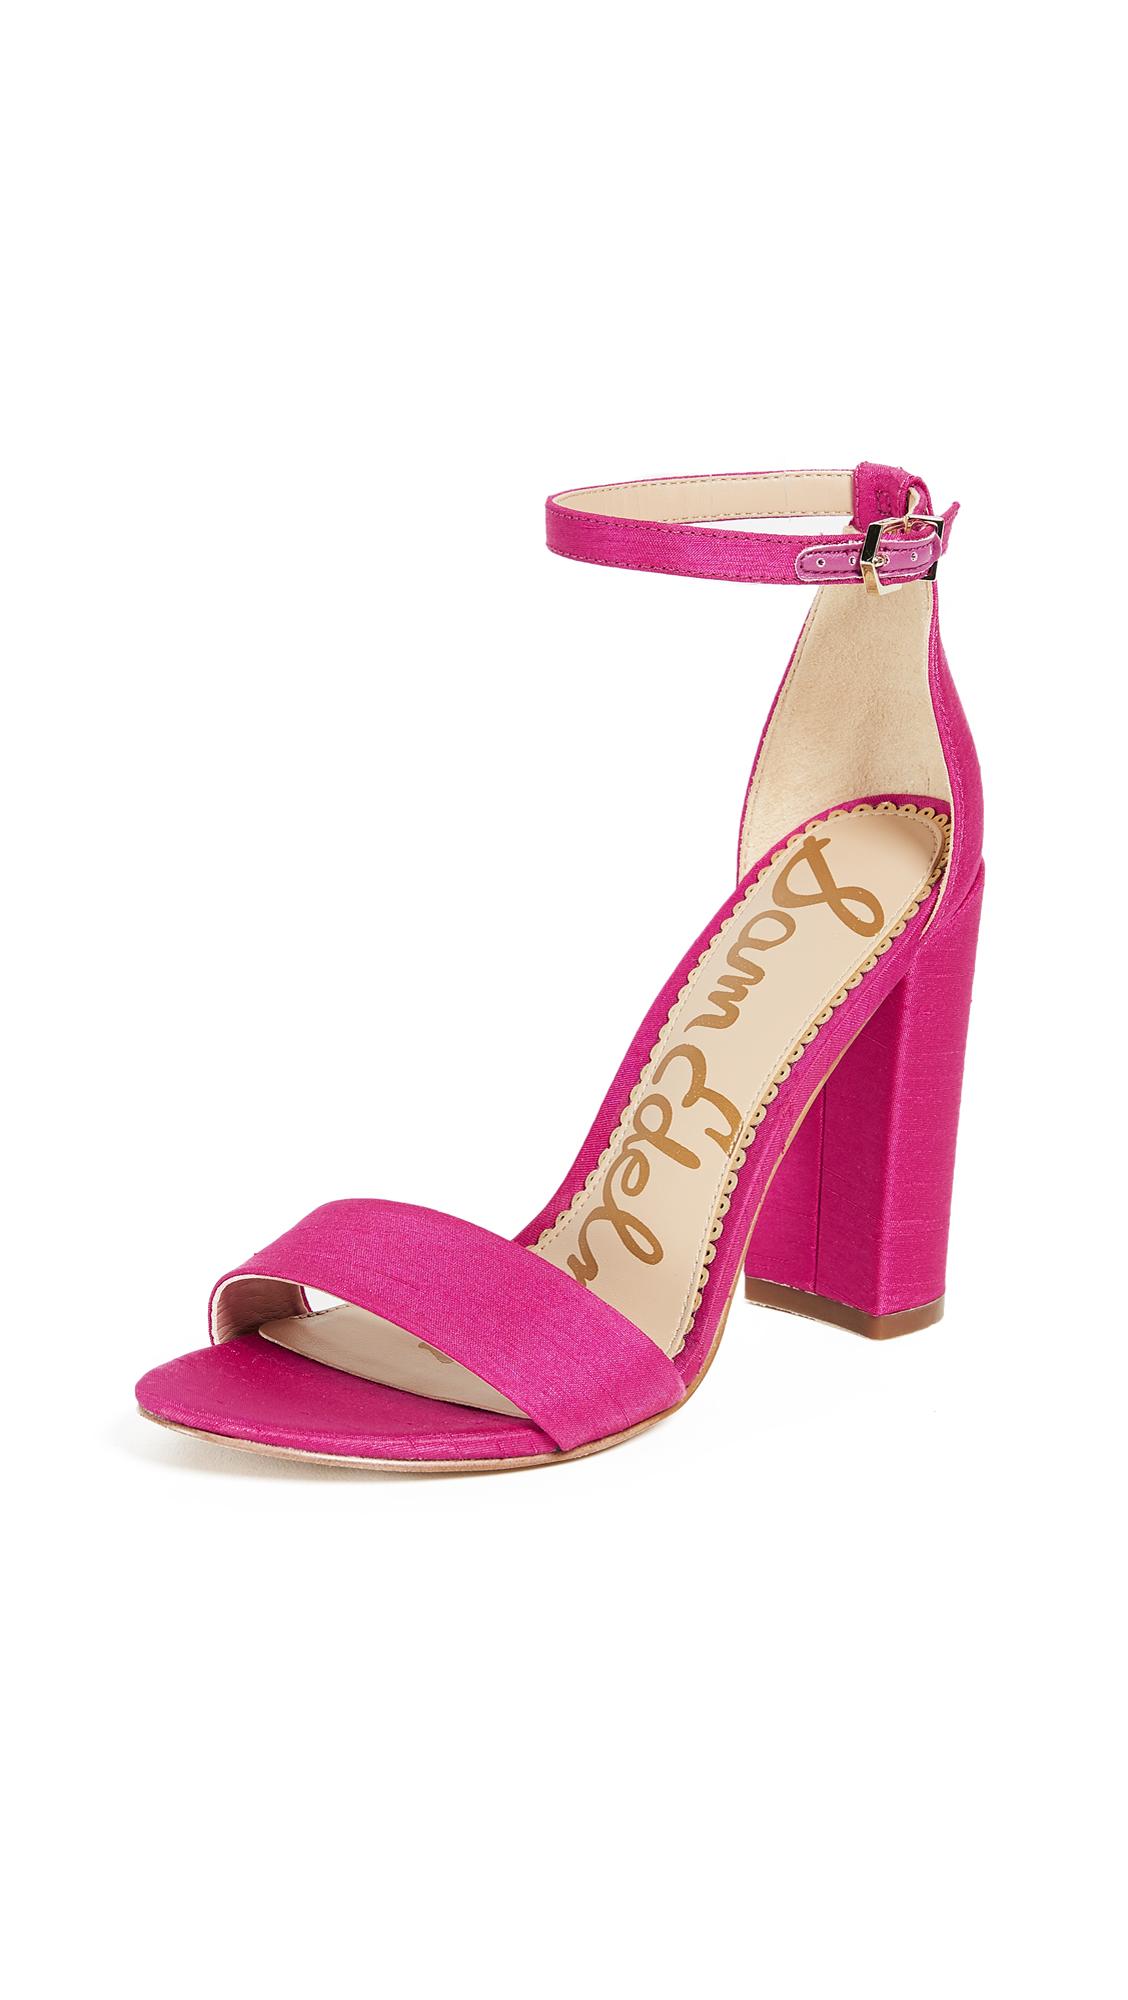 Sam Edelman Yaro Sandals - Pink Magenta